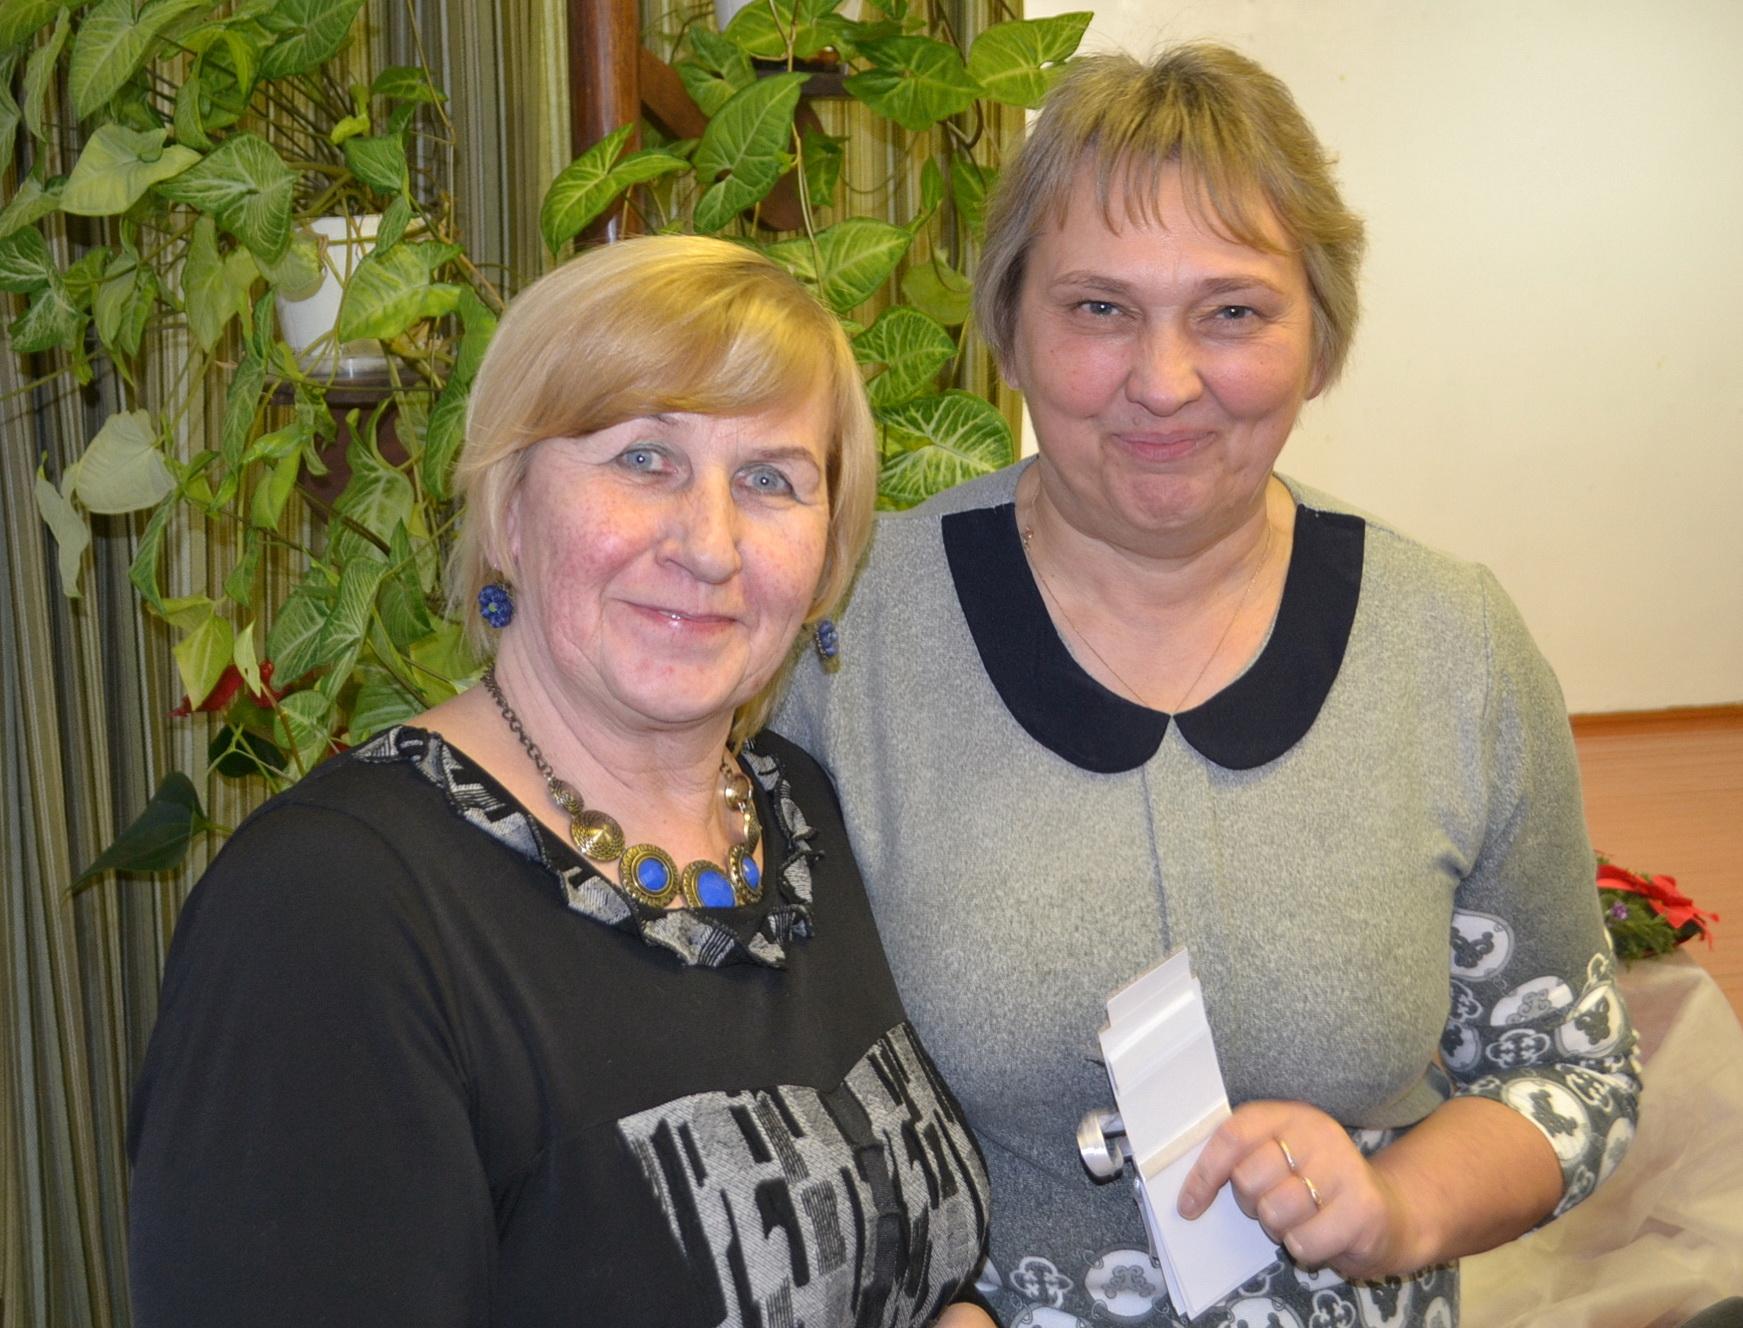 Šio rašinio autorė ir A. Šikšniaus knygos redaktorė B. Morkevičienė su kolege Natkiškių Zosės Petraitienės pagrindinės mokyklos vadove G. Švalkūniene.